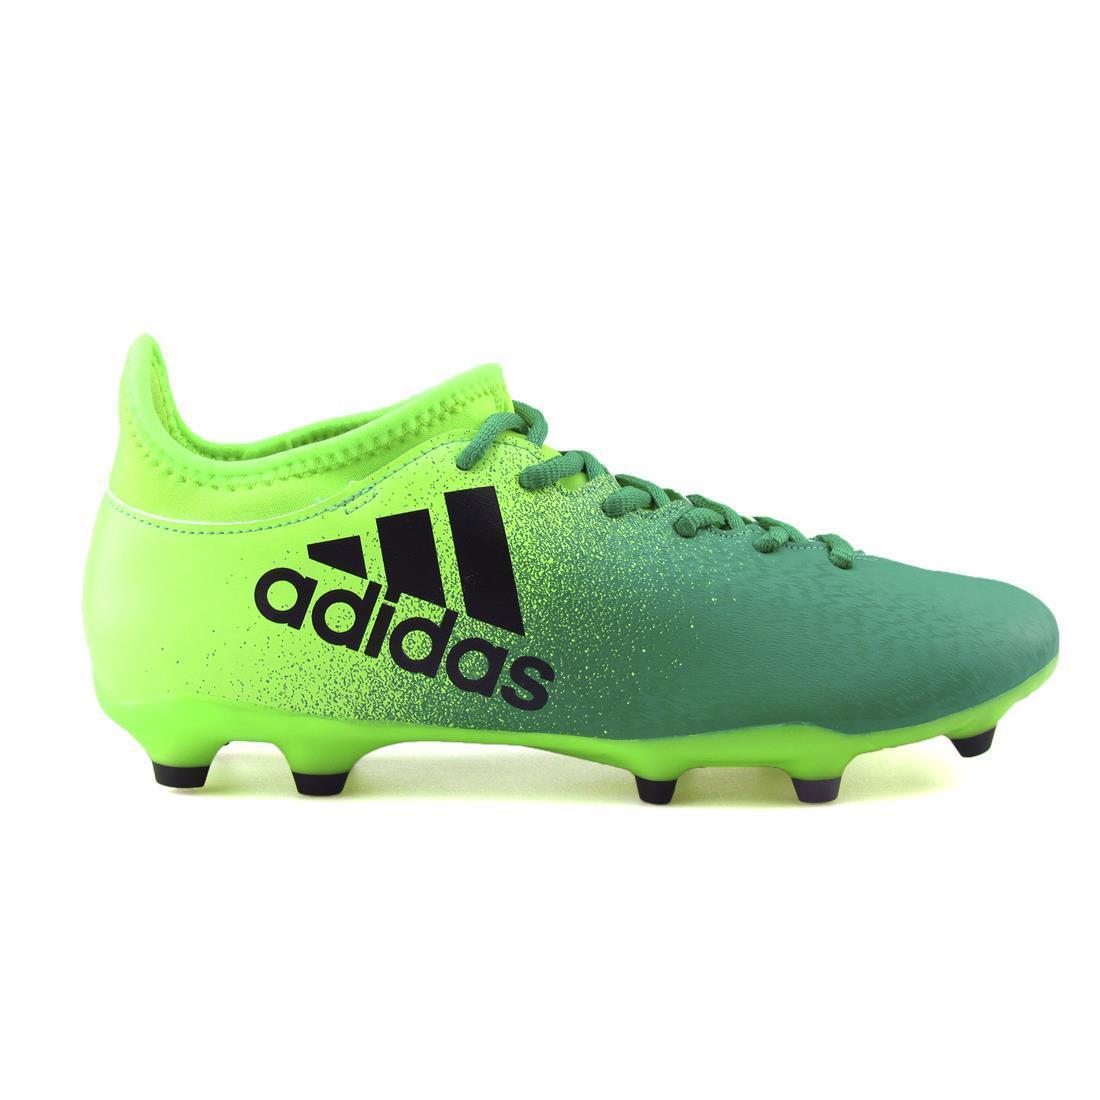 Adidas X 16.3 FG botas de fútbol (BB5855)